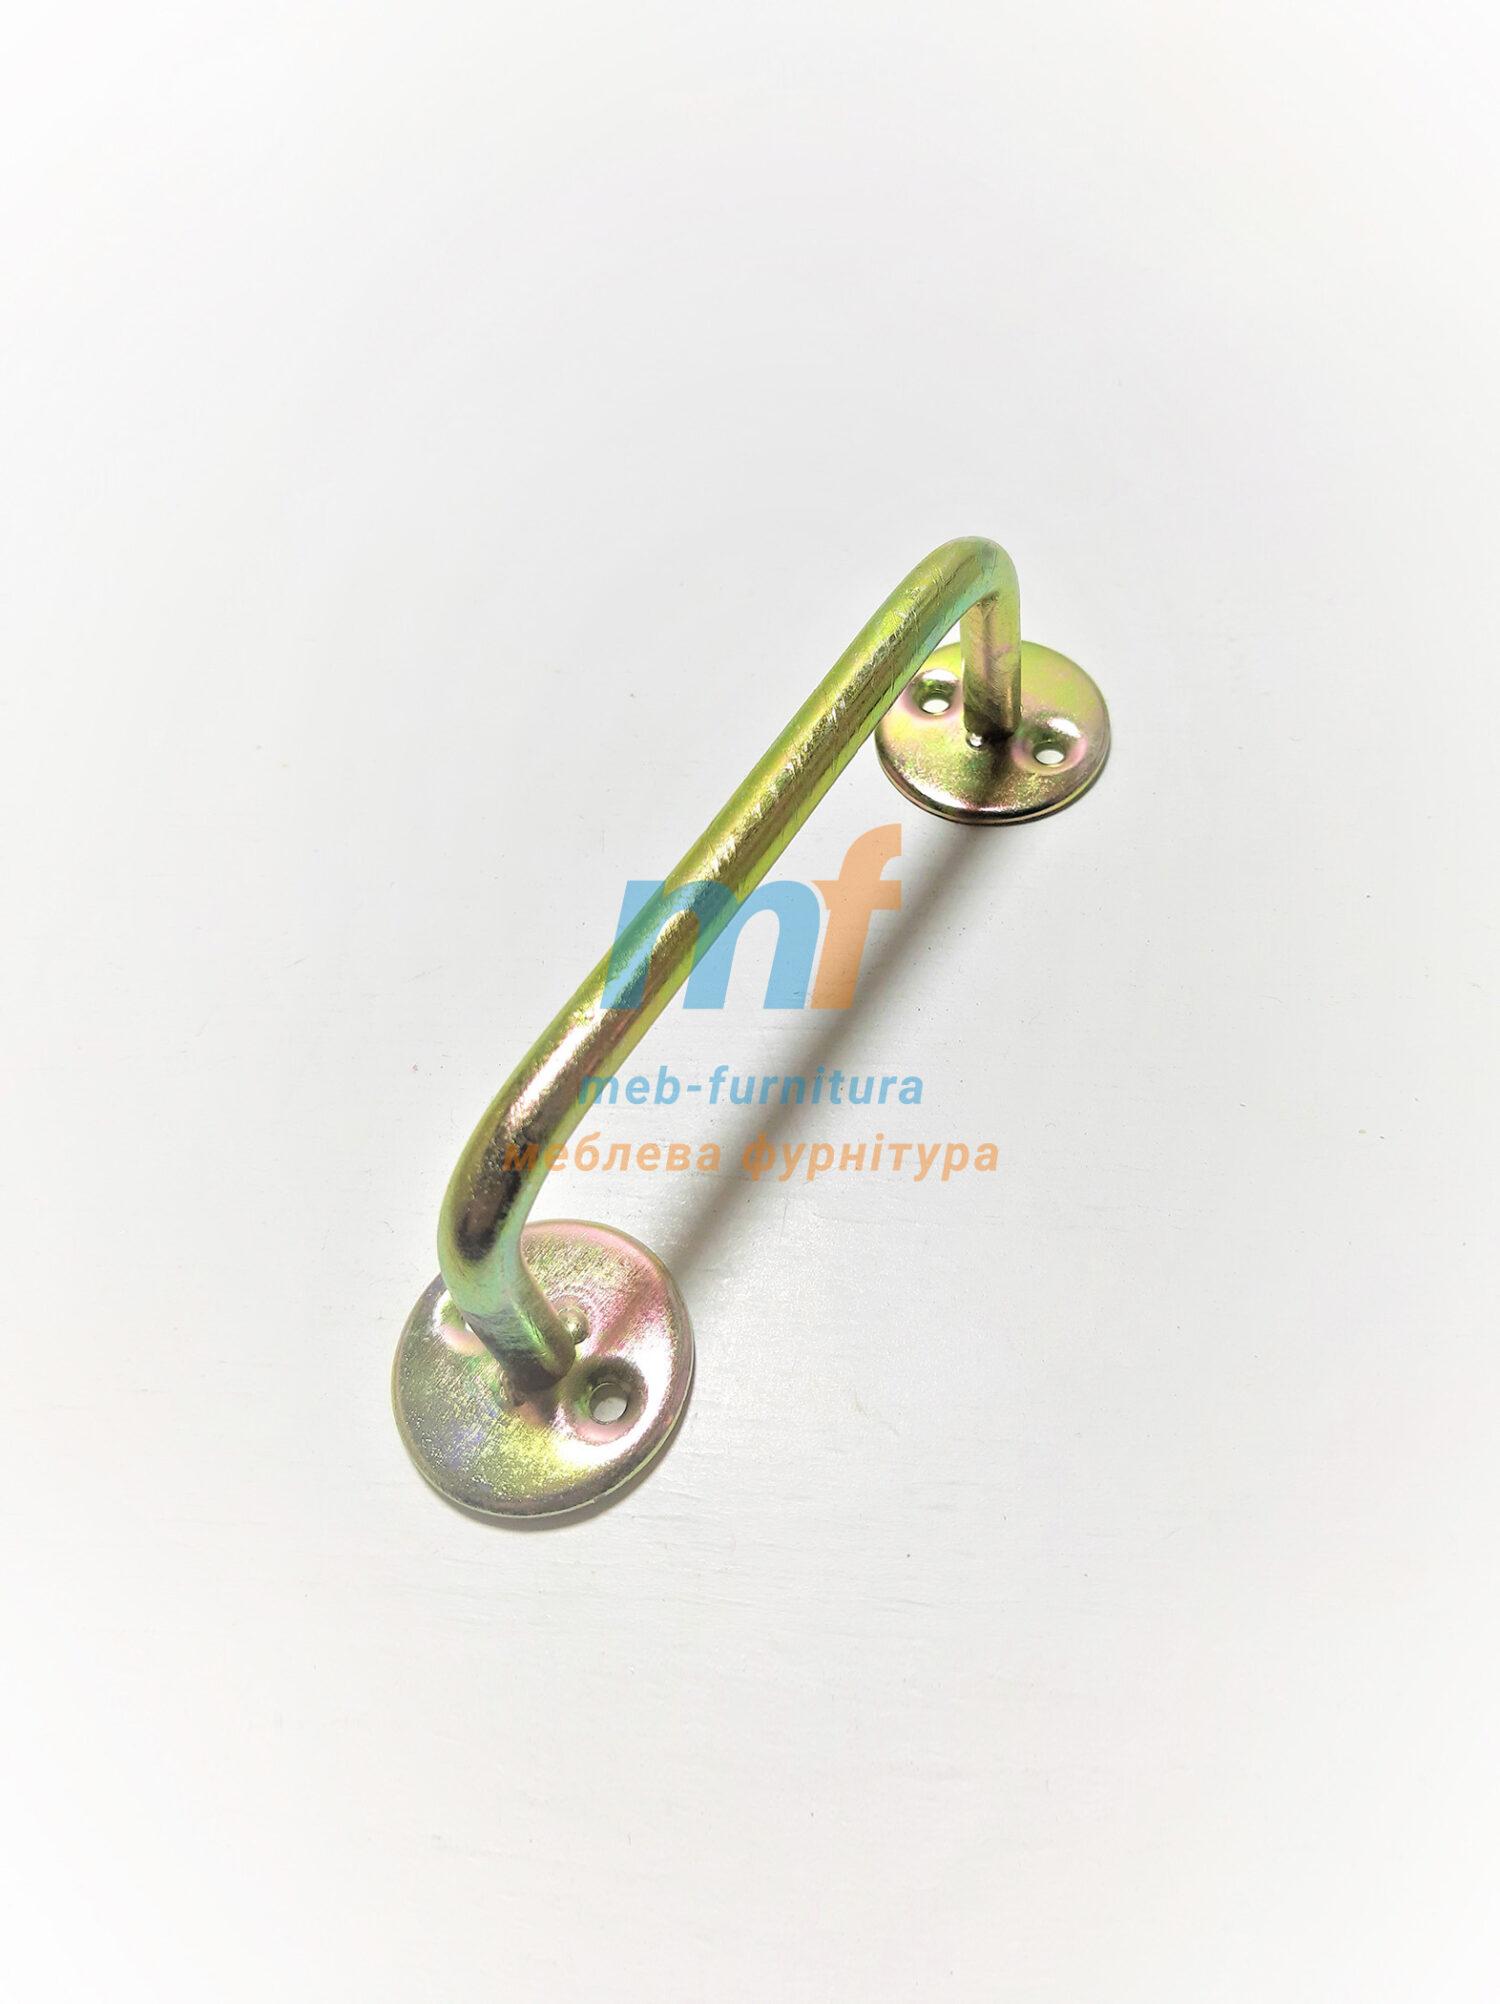 Ручка скоба РС-100 желтая (под Симферополь)